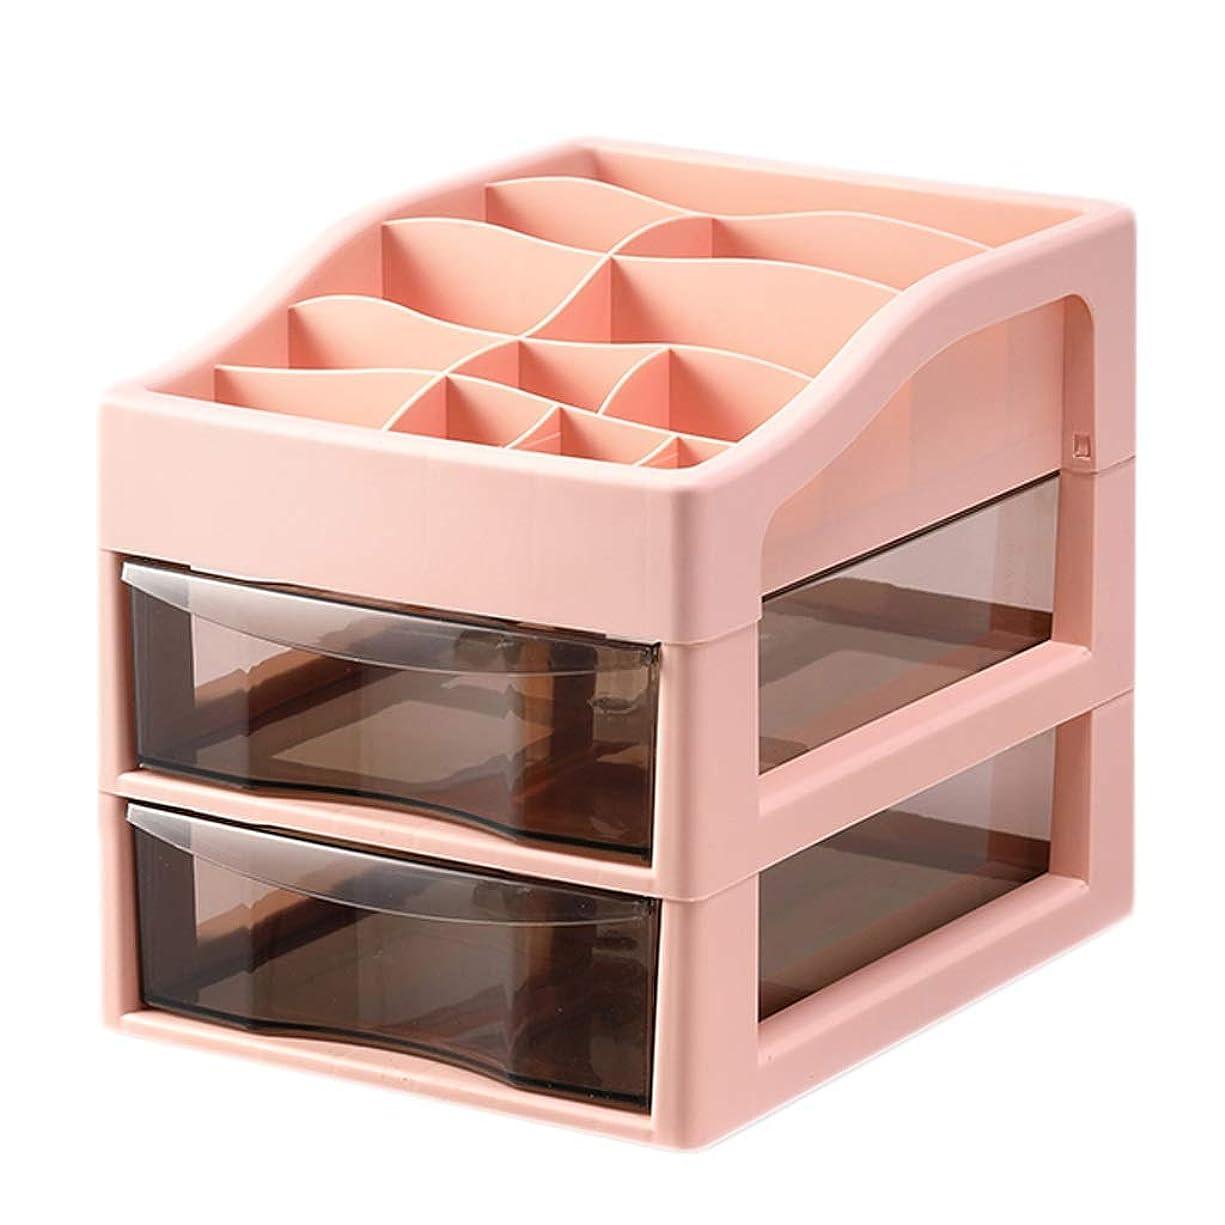 生きているキネマティクスグローバルプラスチック製のシンプルな化粧品収納ボックスデスクトップ口紅ジュエリースキンケア製品収納ディスプレイボックス(色:ピンク、サイズ:34 * 26.5 * 29 cm)